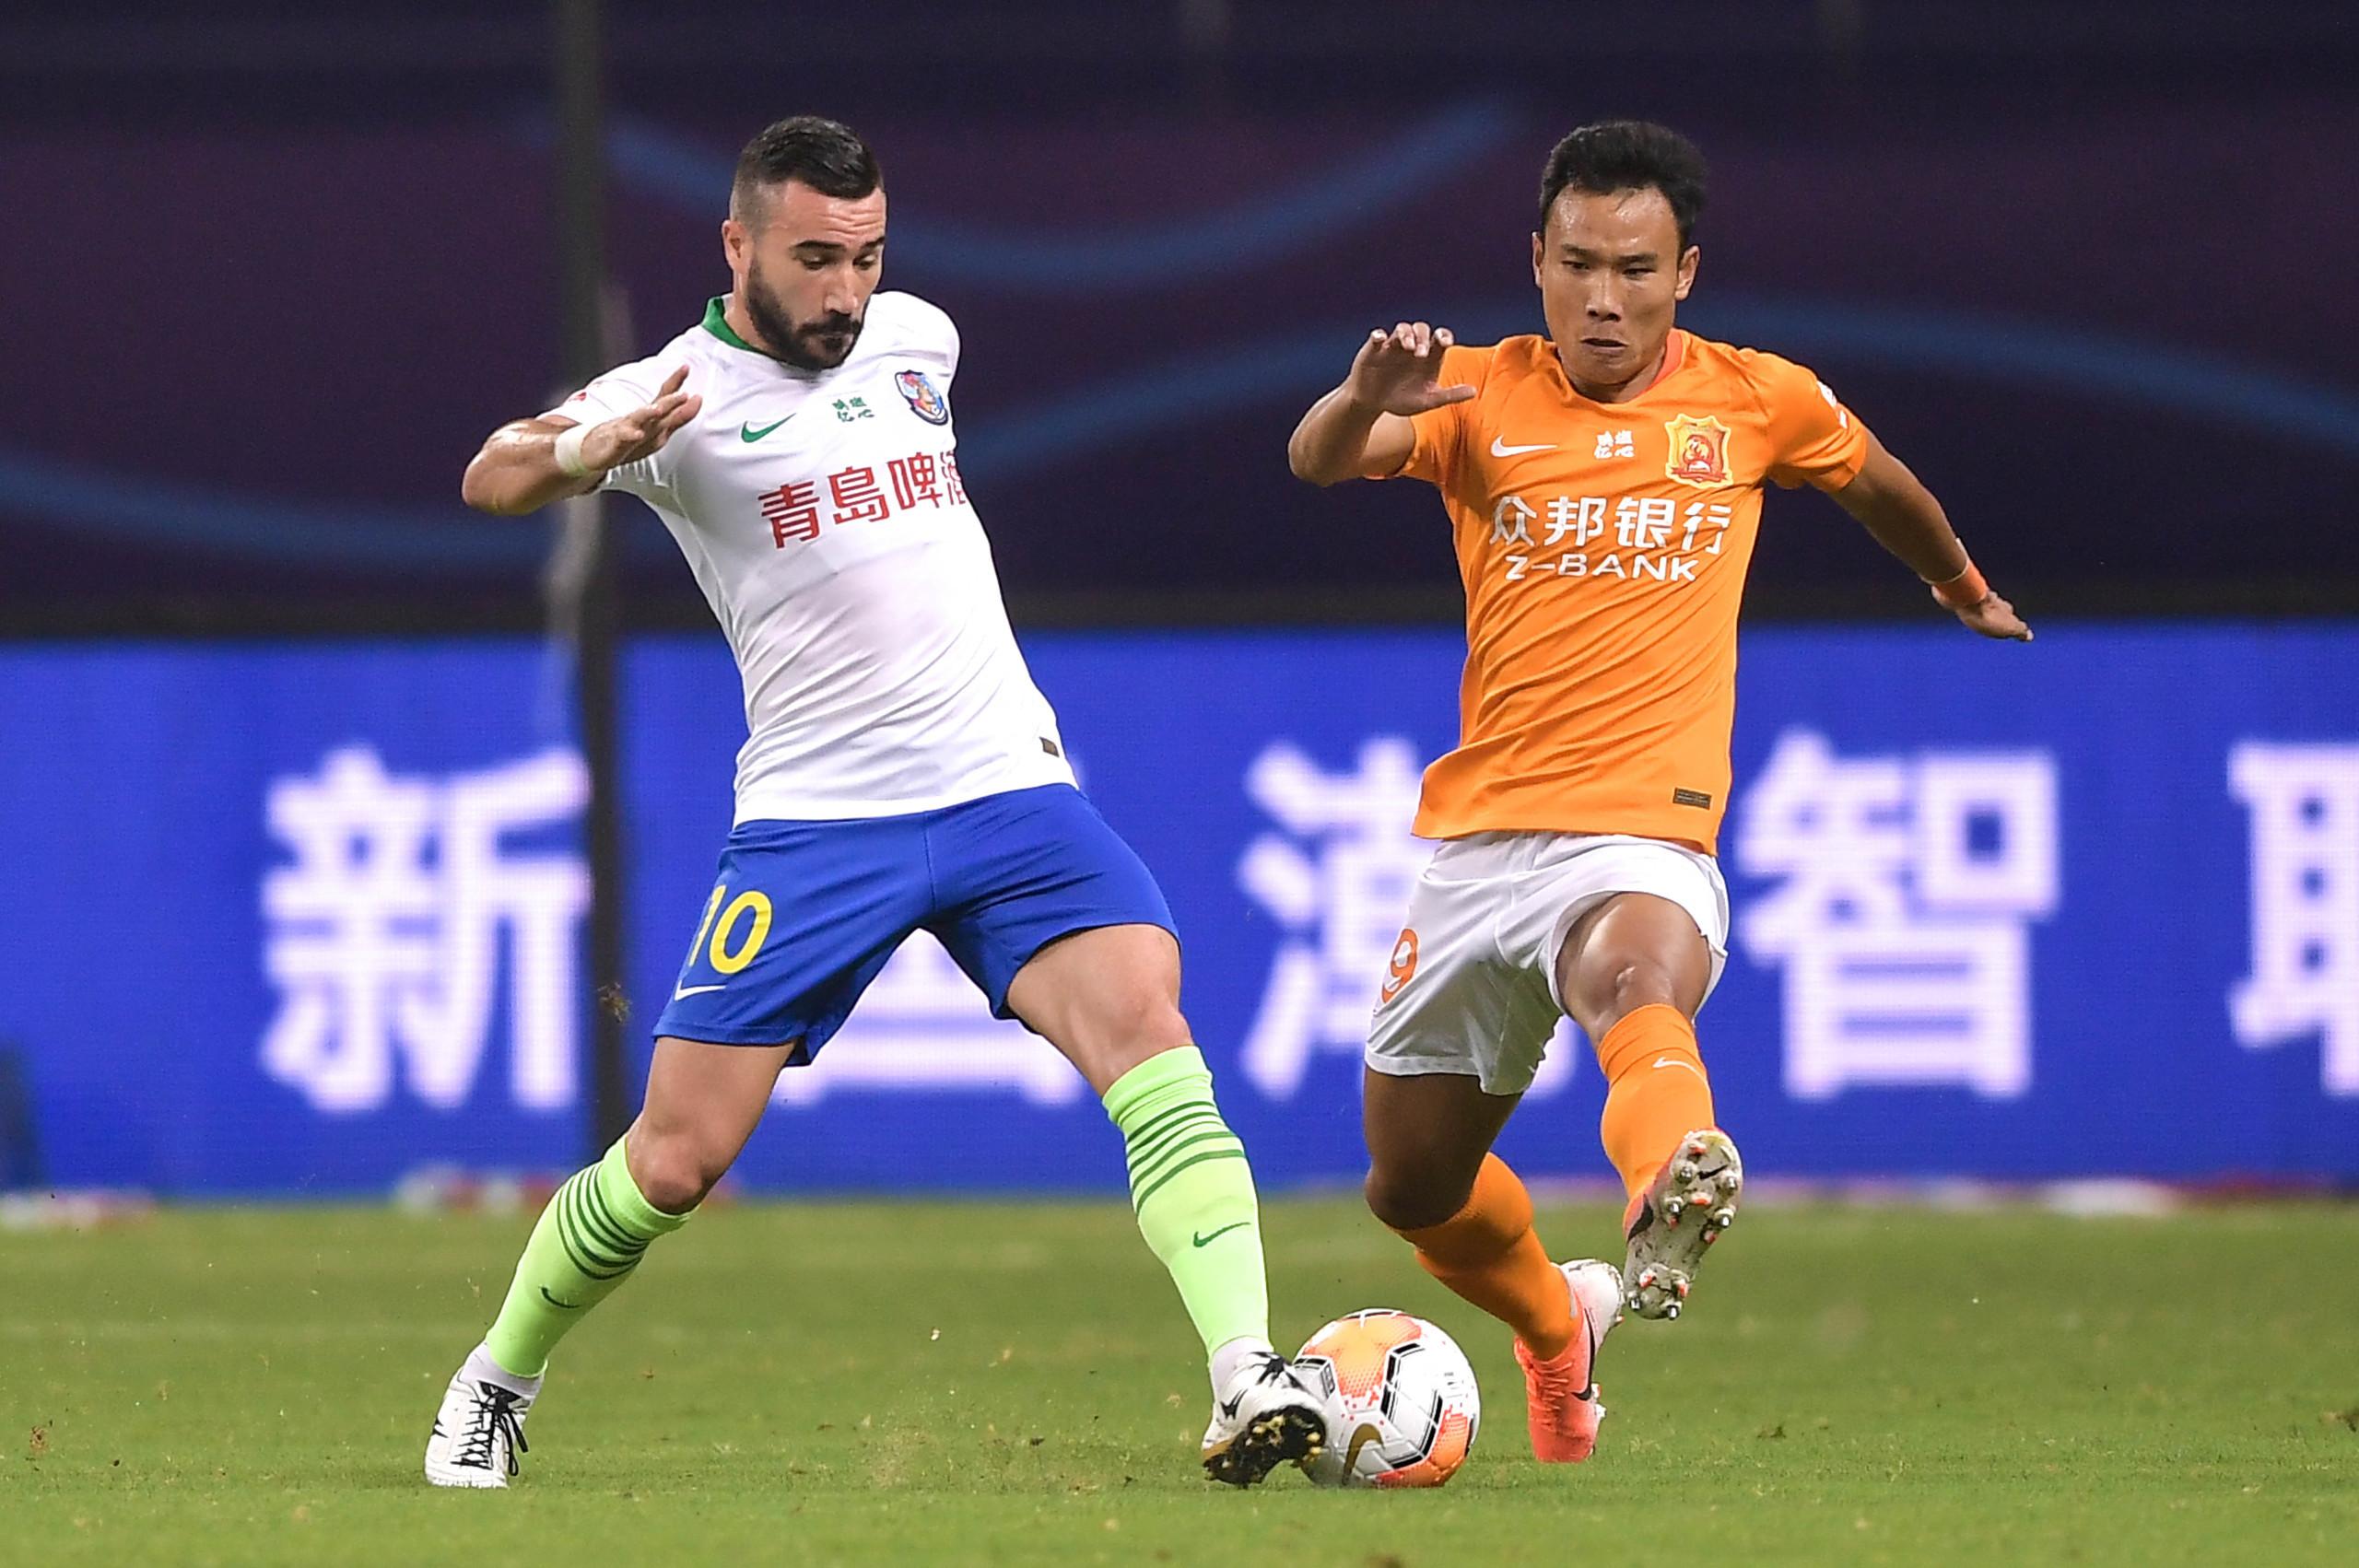 半场:刘云推射造殷亚吉乌龙,卓尔1-0黄海